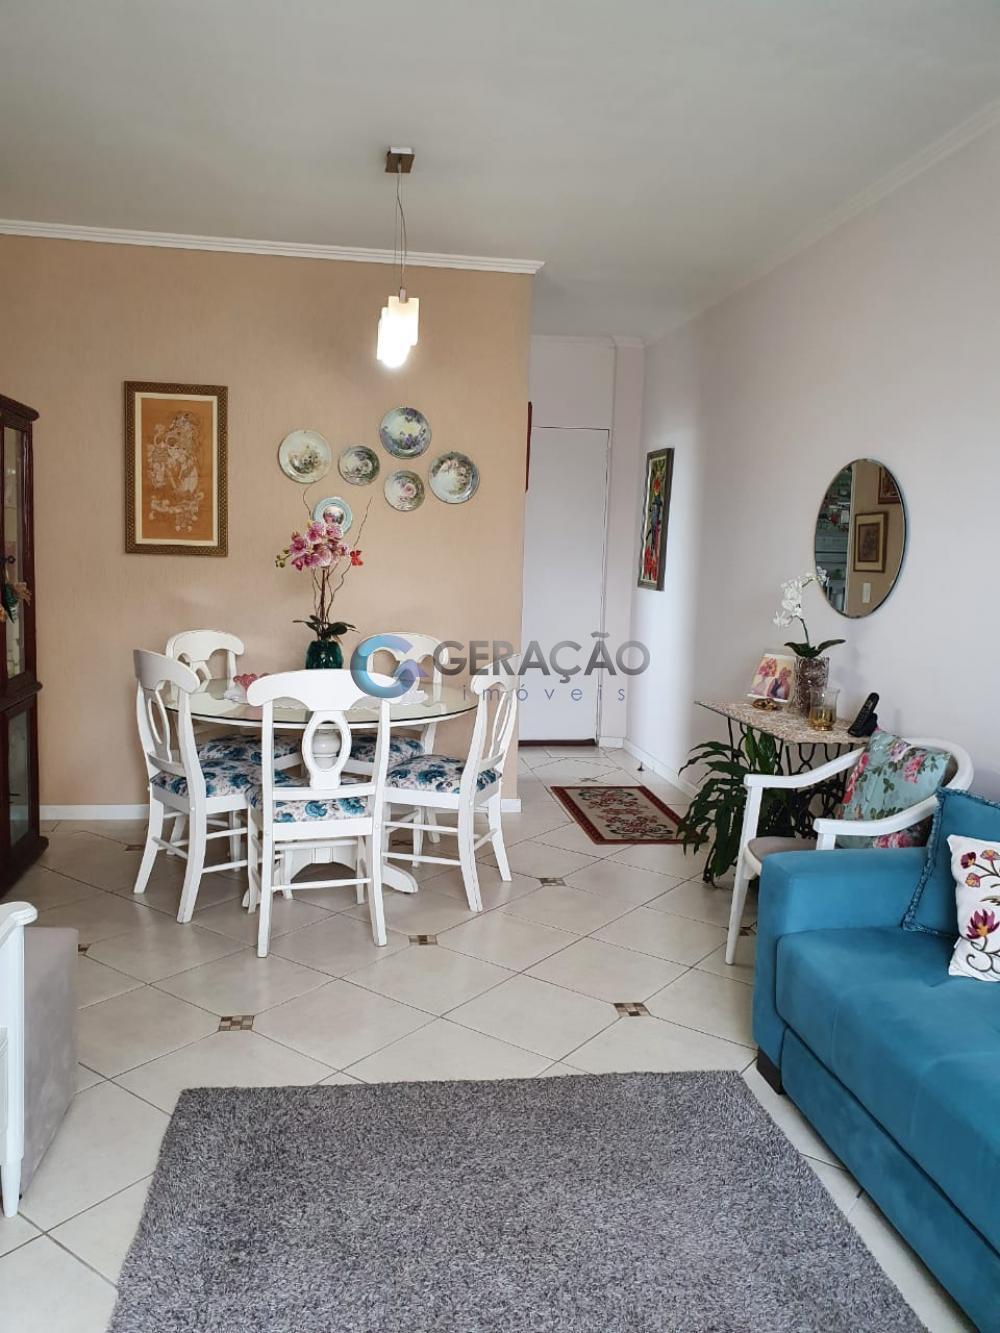 Comprar Apartamento / Padrão em São José dos Campos R$ 330.000,00 - Foto 3